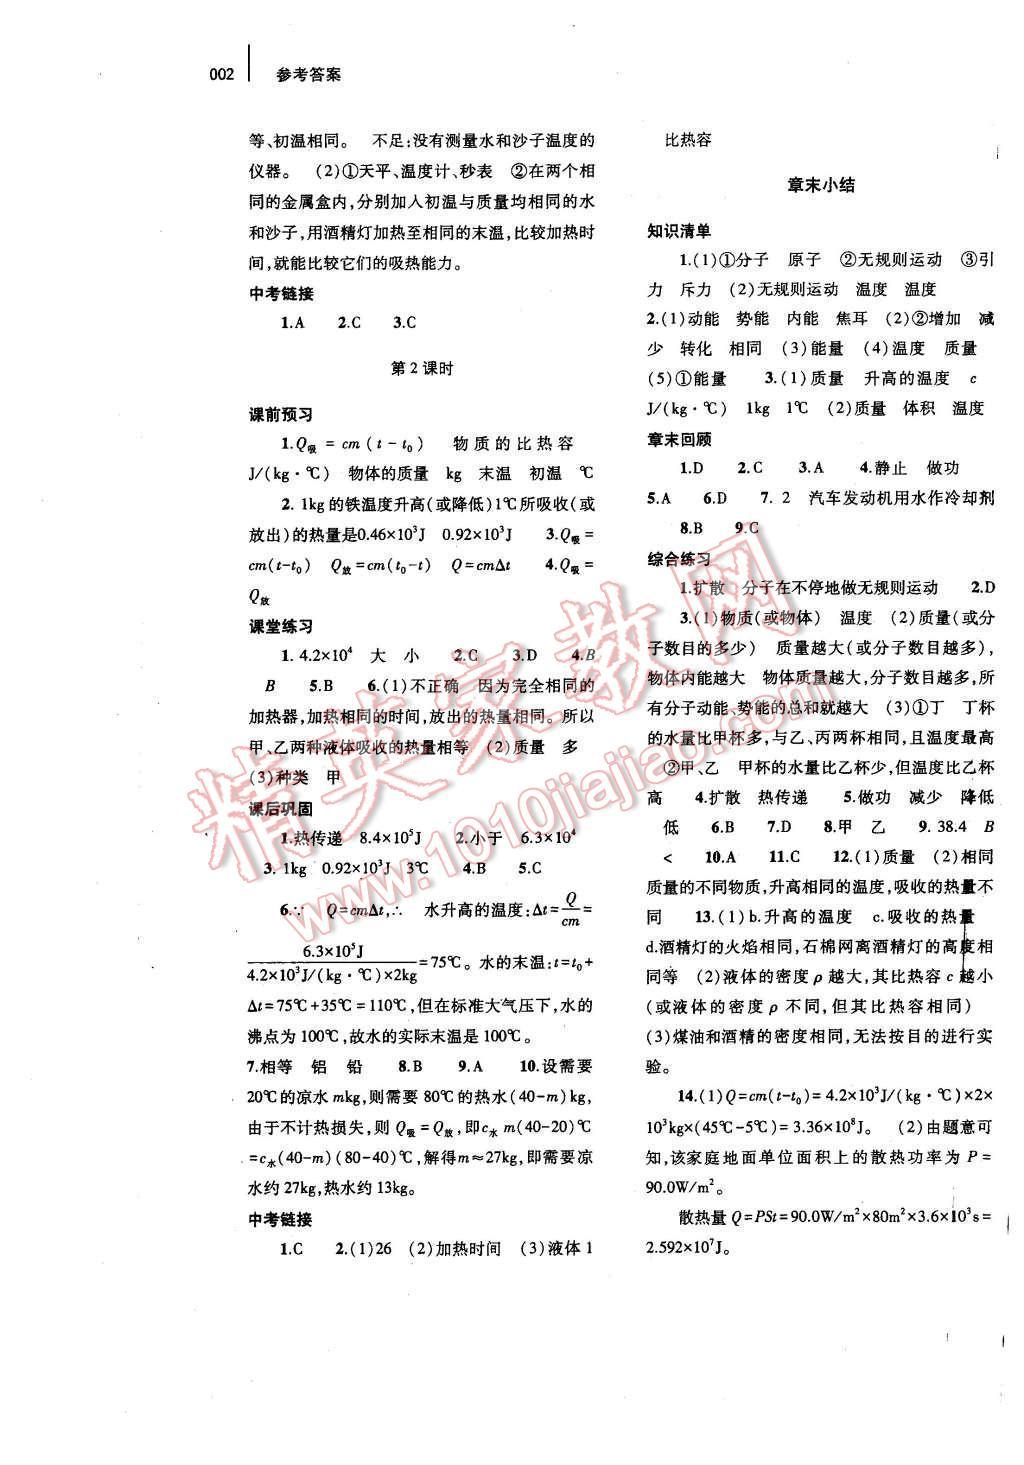 2015年基础训练九年级物理全一册人教版河南省内使用参考答案第14页